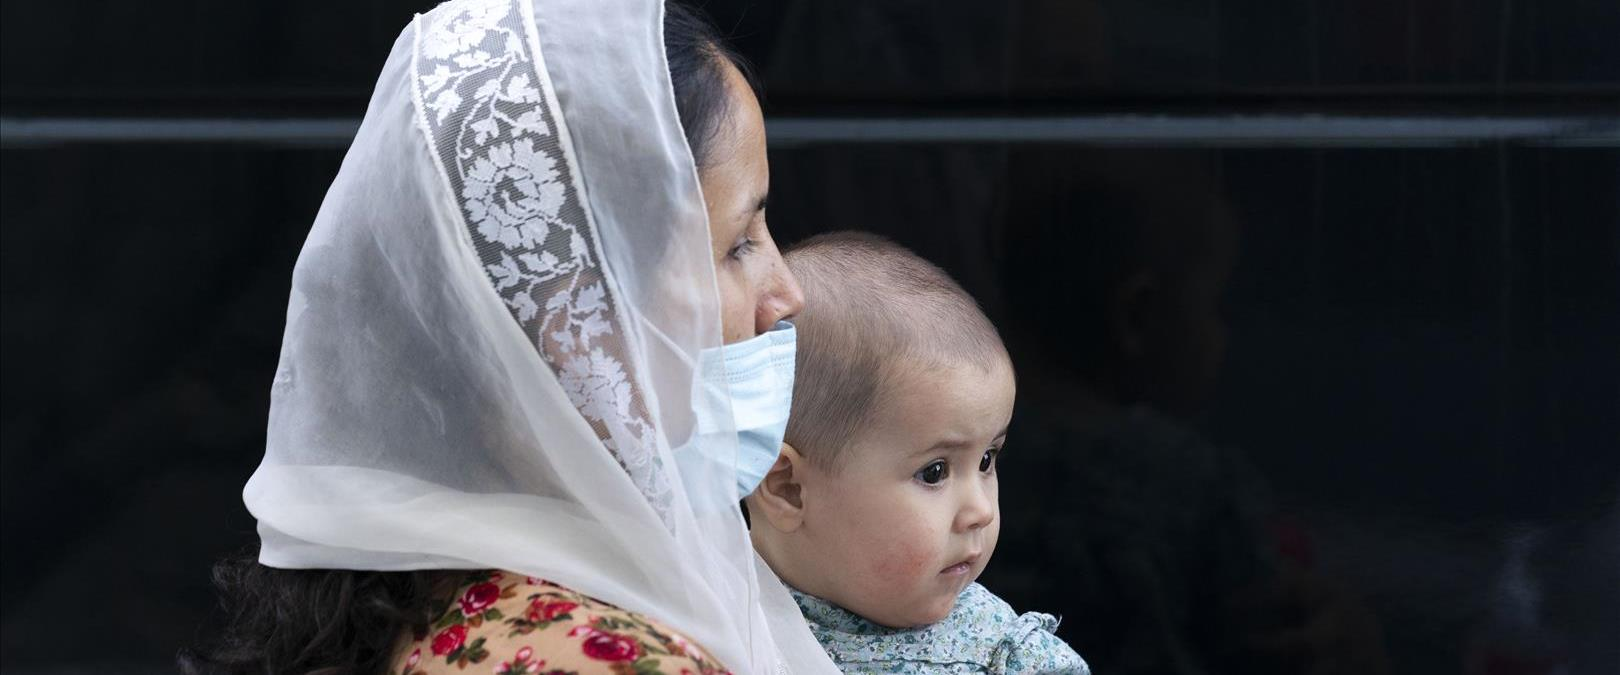 אישה אפגנית ותינוקה